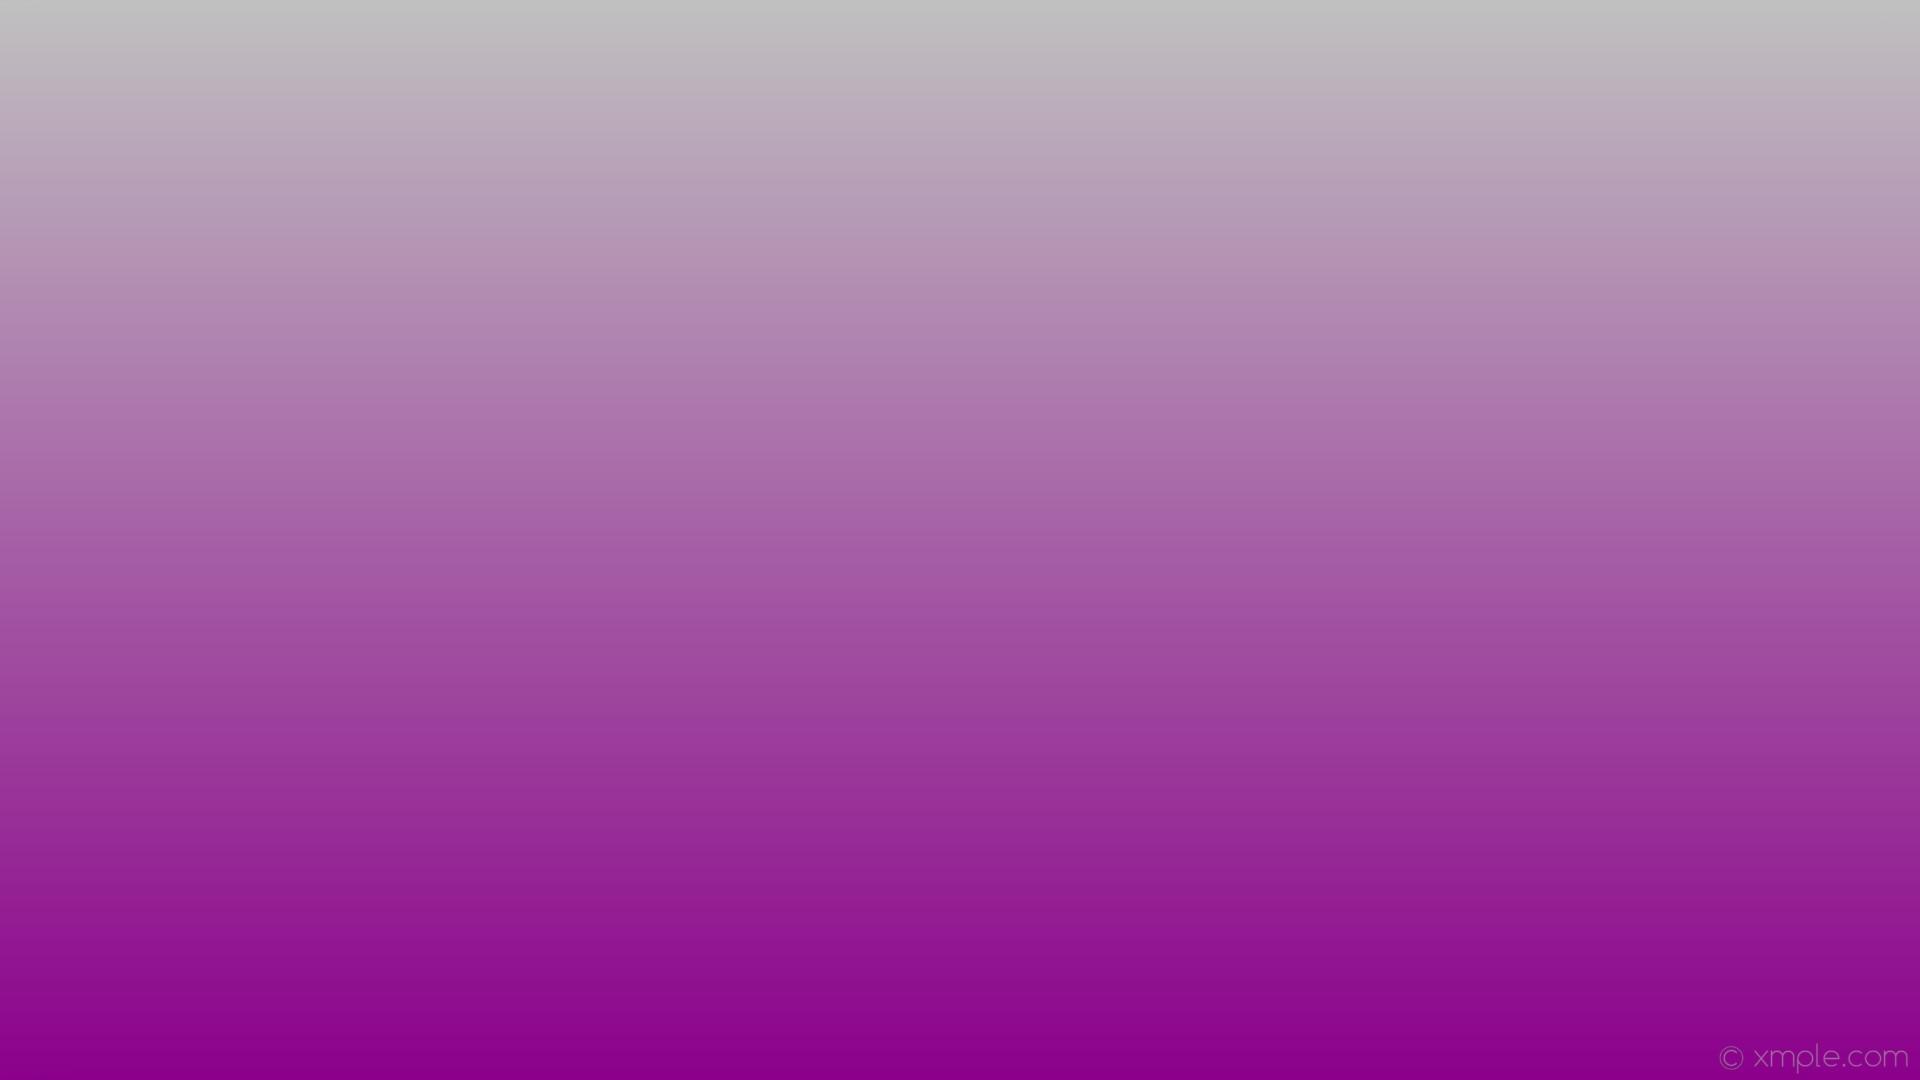 Purple ombre wallpaper 68 images - Dark magenta wallpaper ...